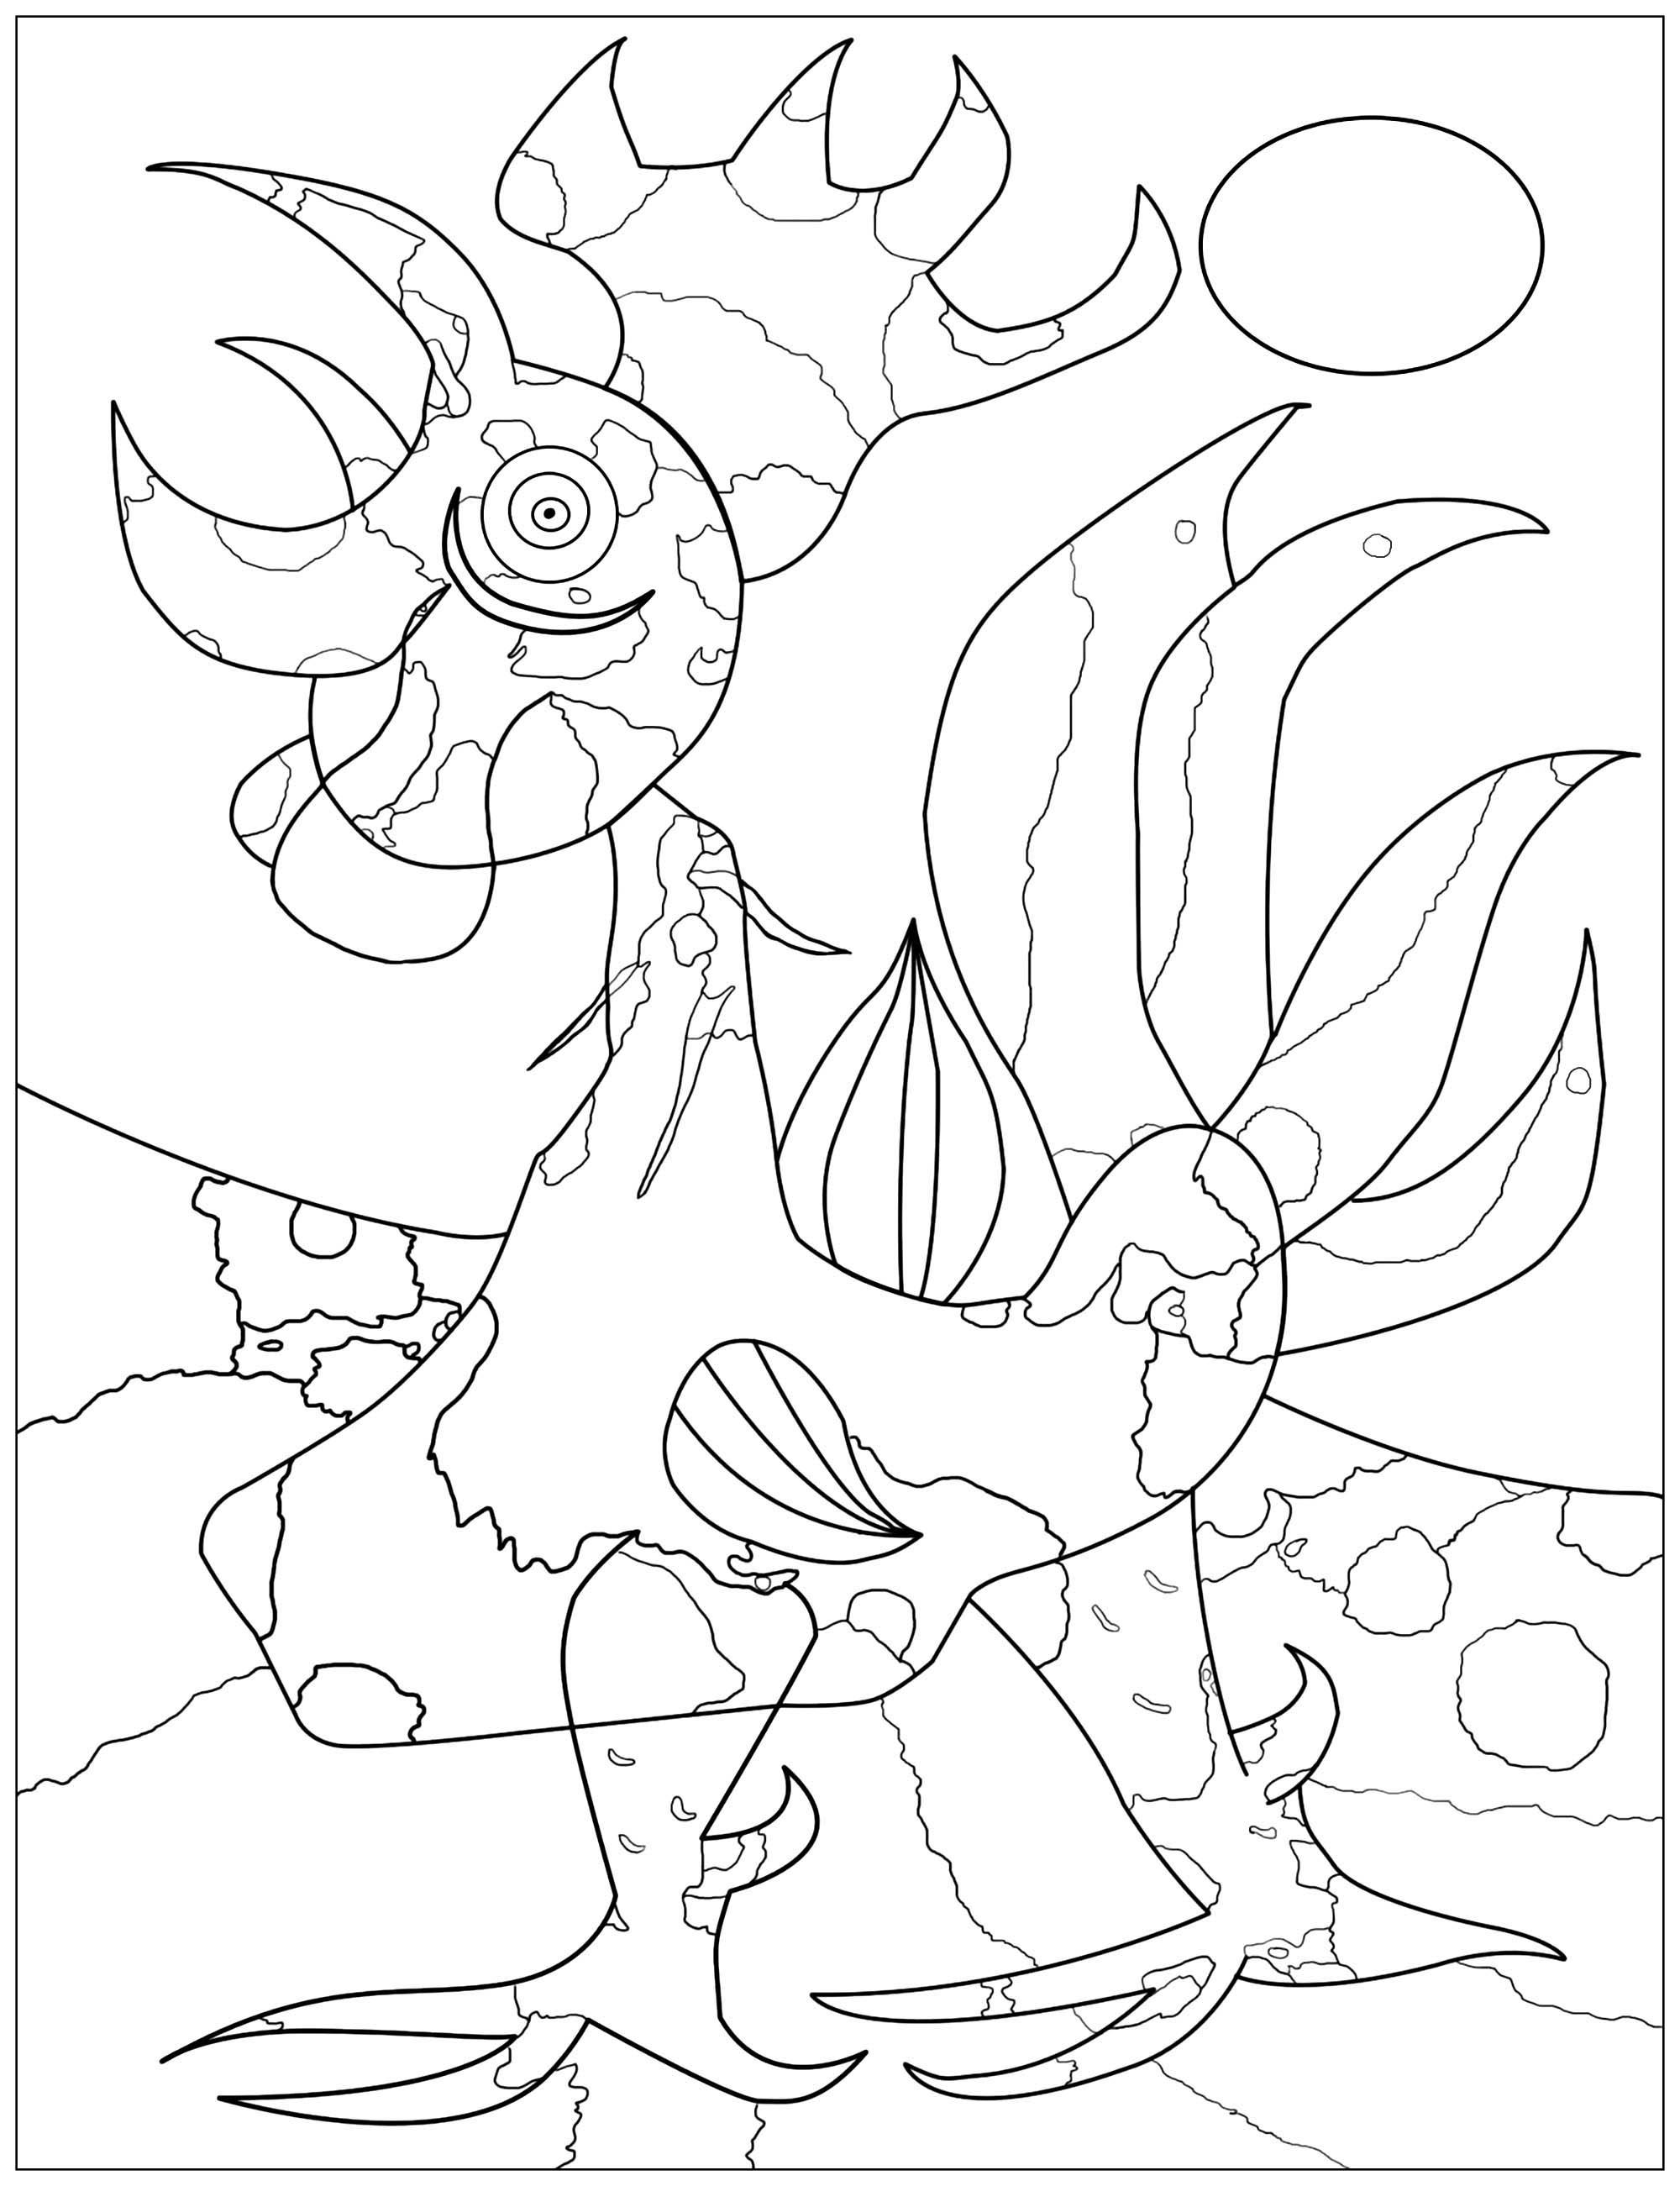 Obra de arte 61917 - Obra de arte - Colorear para Adultos